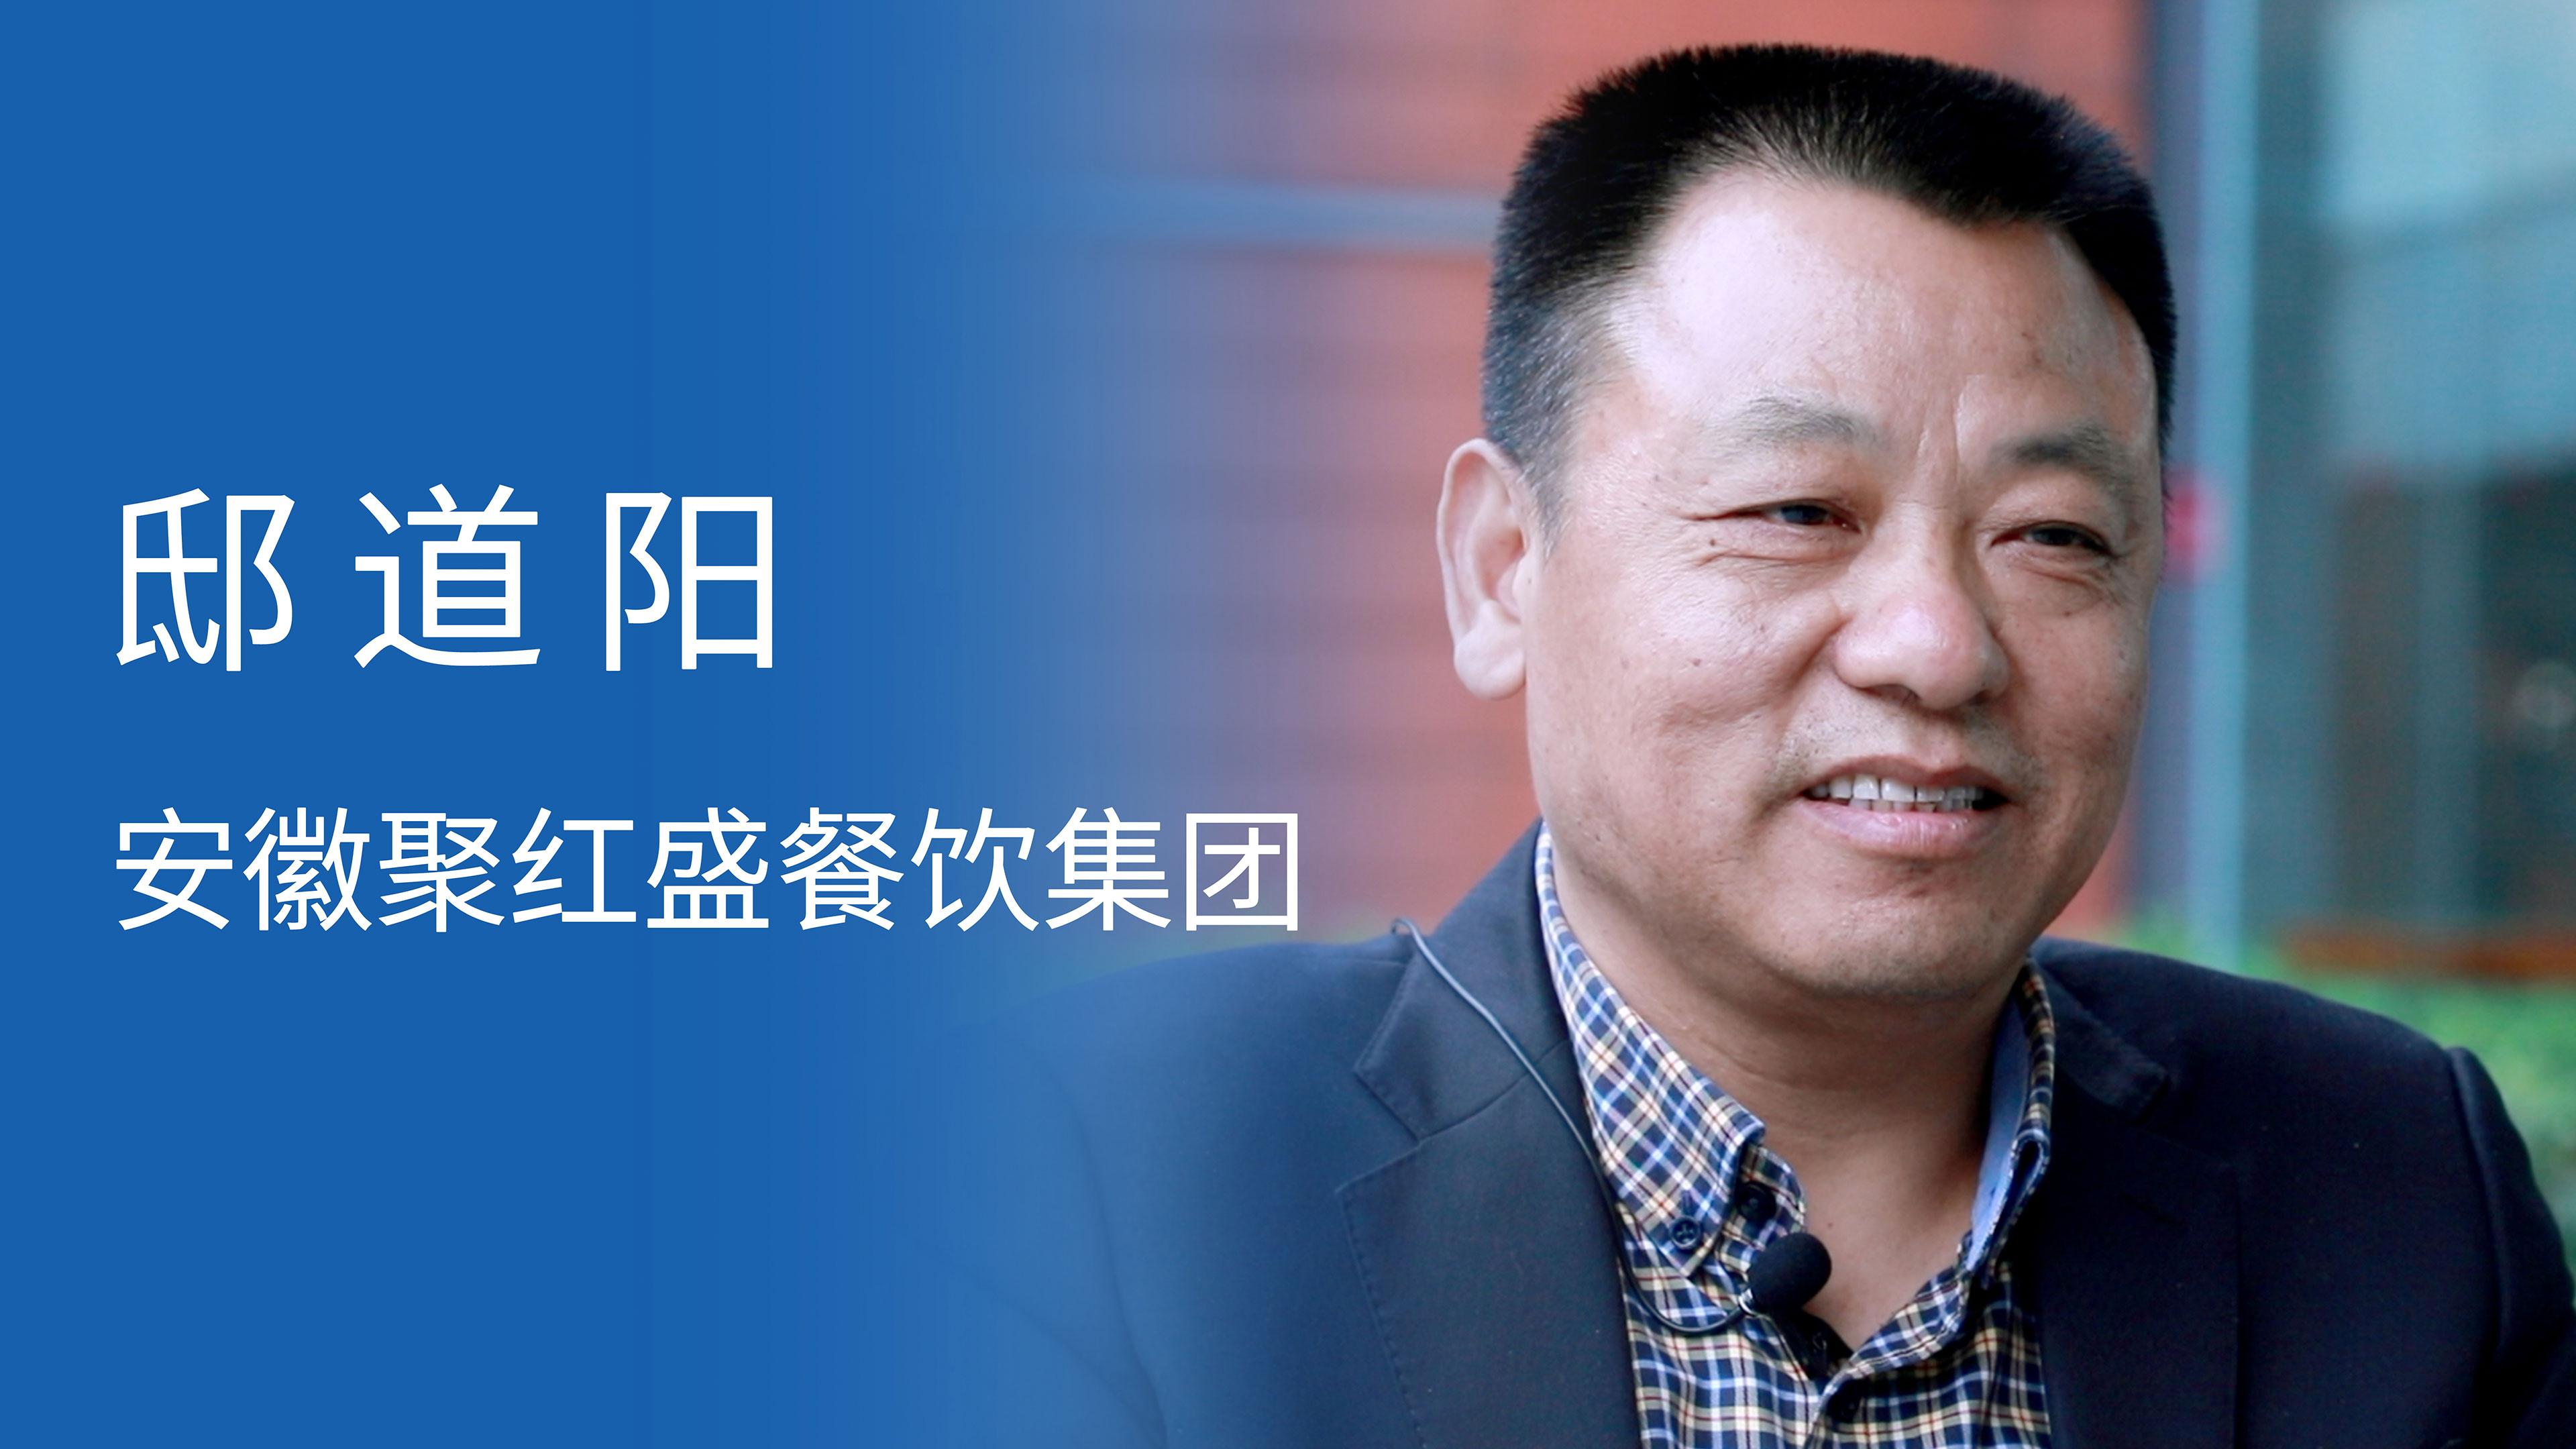 昆仑学员  安徽聚红盛——确立品牌核心价值,真正建立品牌